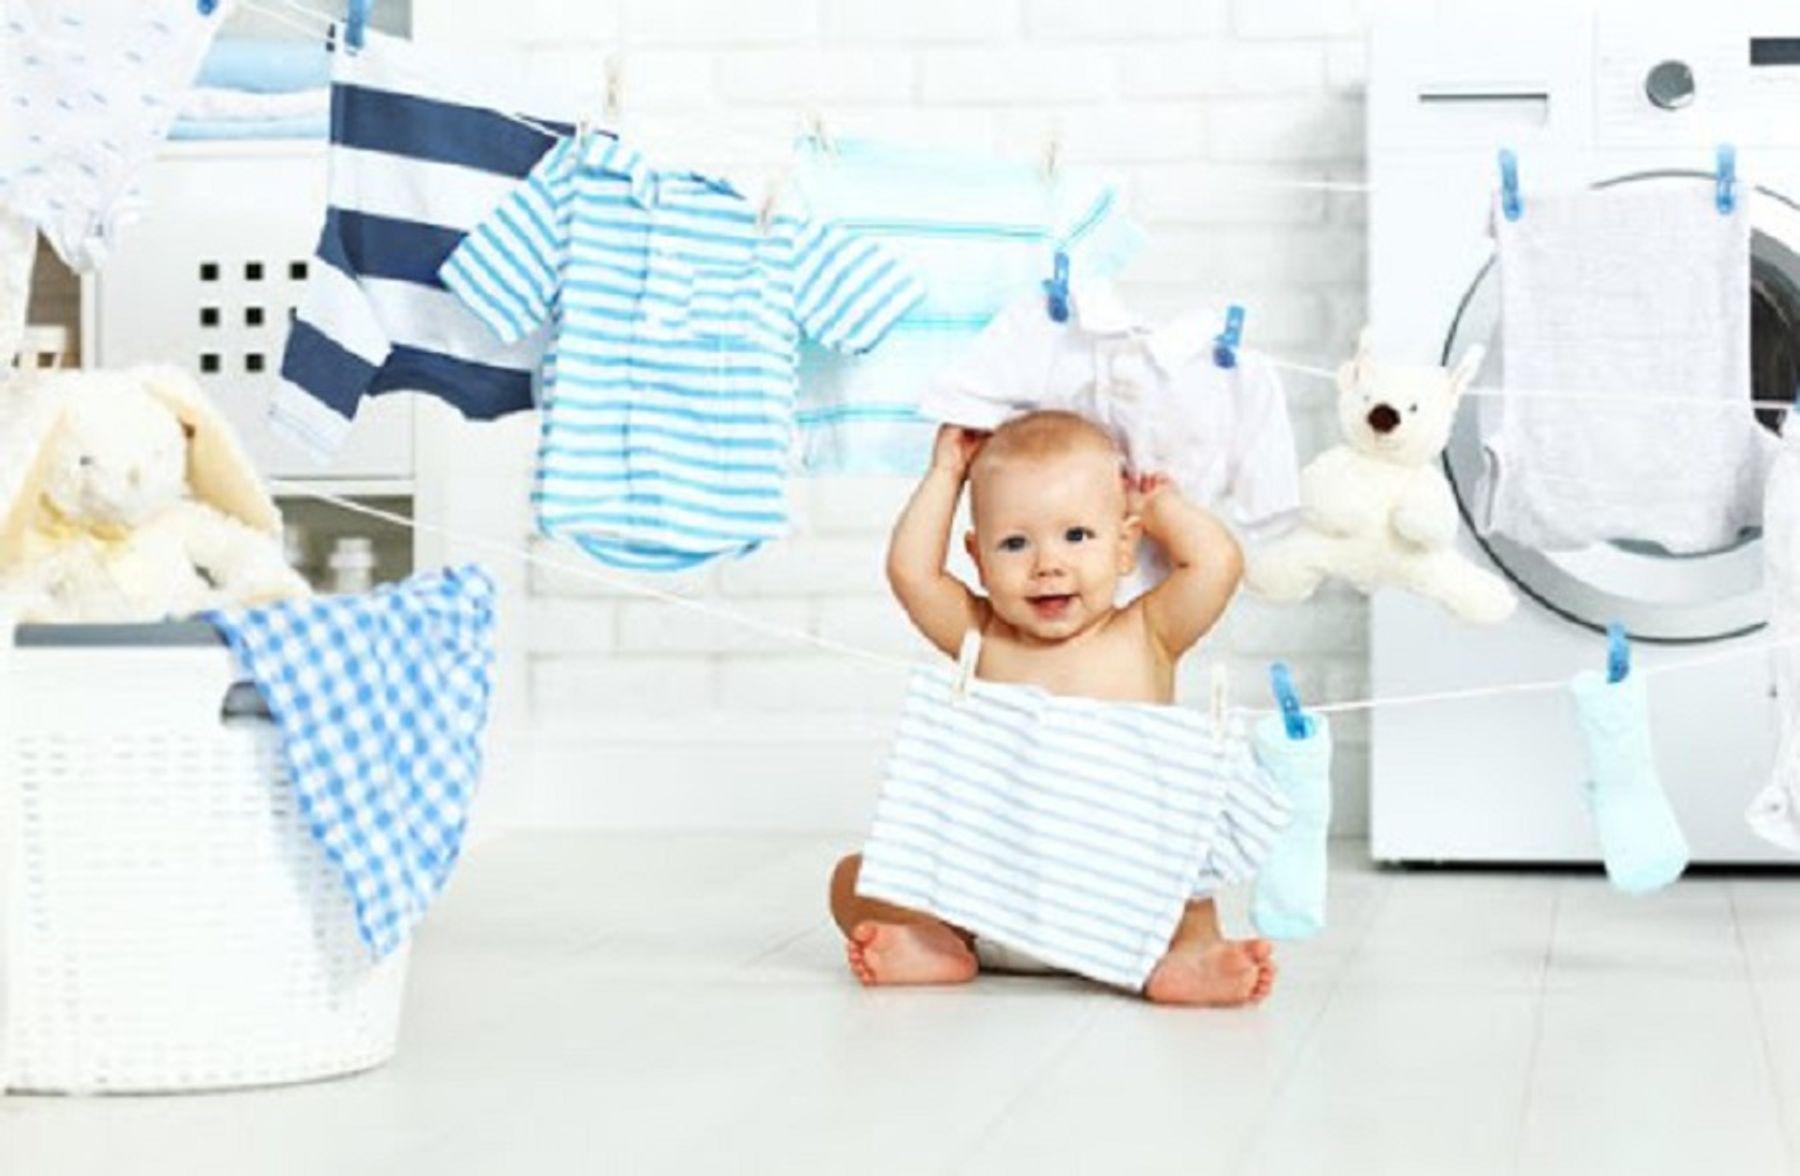 5 Lưu ý các mẹ cần quan tâm khi bảo quản quần áo trẻ sơ sinh